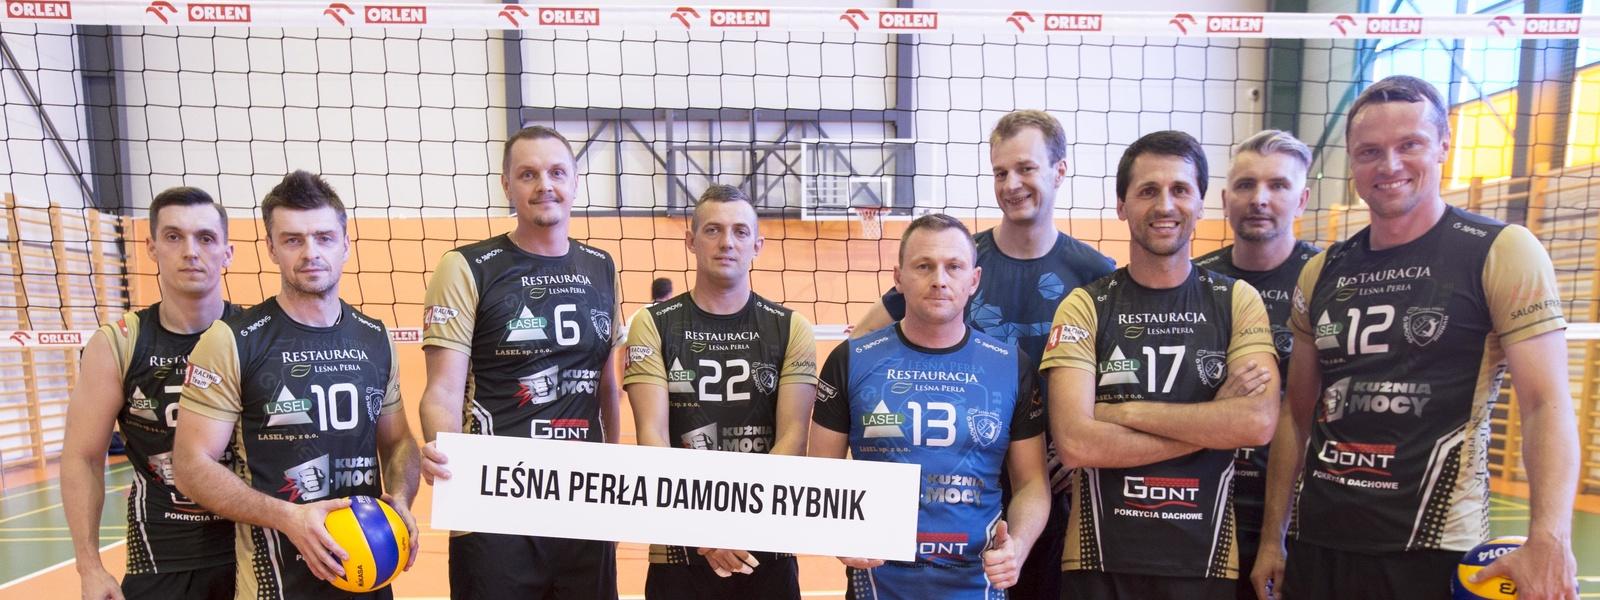 MP Old Boyów: Leśna Perła Damons Rybnik zwycięzcą w kategorii 35+